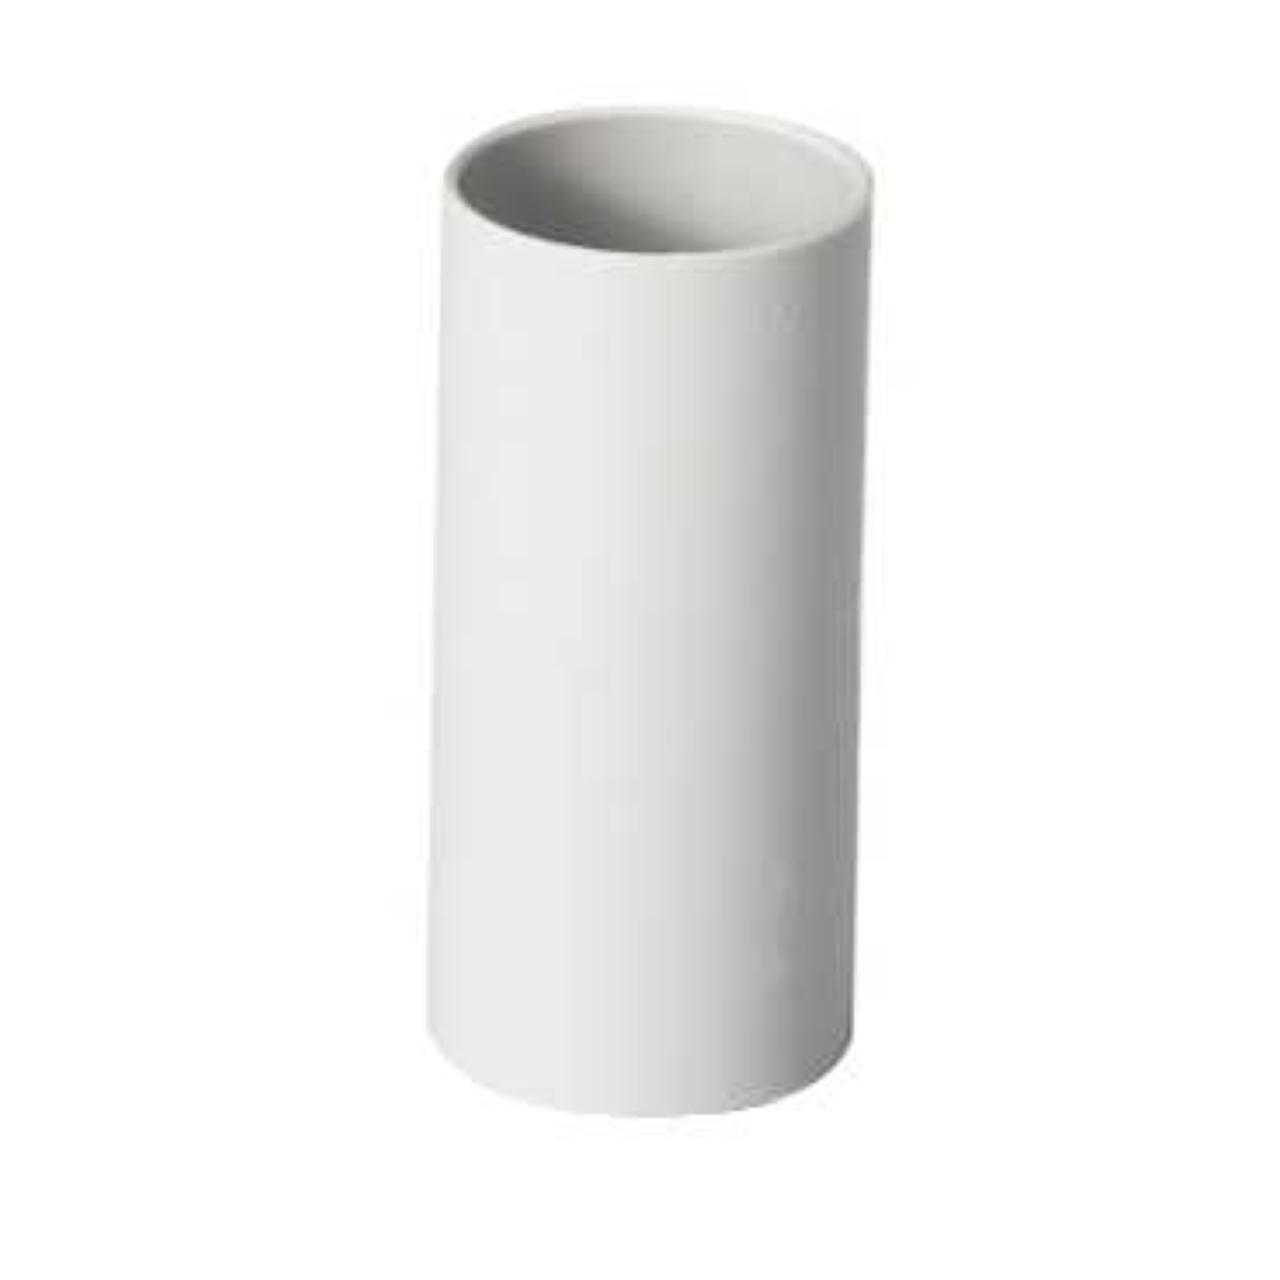 manchon pour tube irl 3321 diam tre 20 mm gris schneid. Black Bedroom Furniture Sets. Home Design Ideas